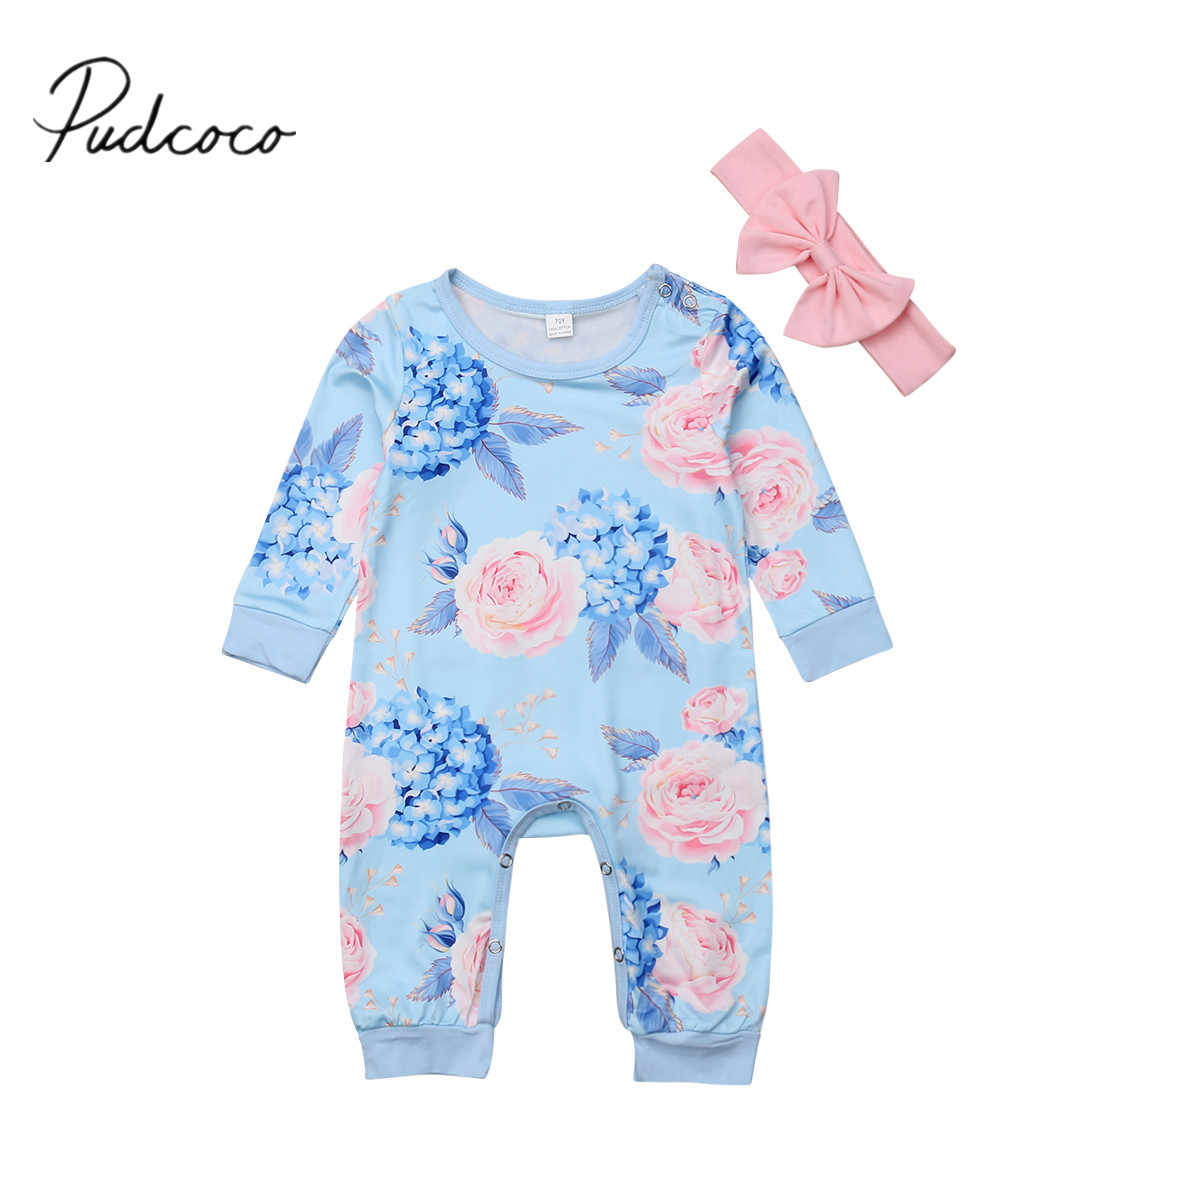 5406bfedc 2018 nuevo 0-24 m niños bebé infantil niñas niños 2 piezas Flora Romper +